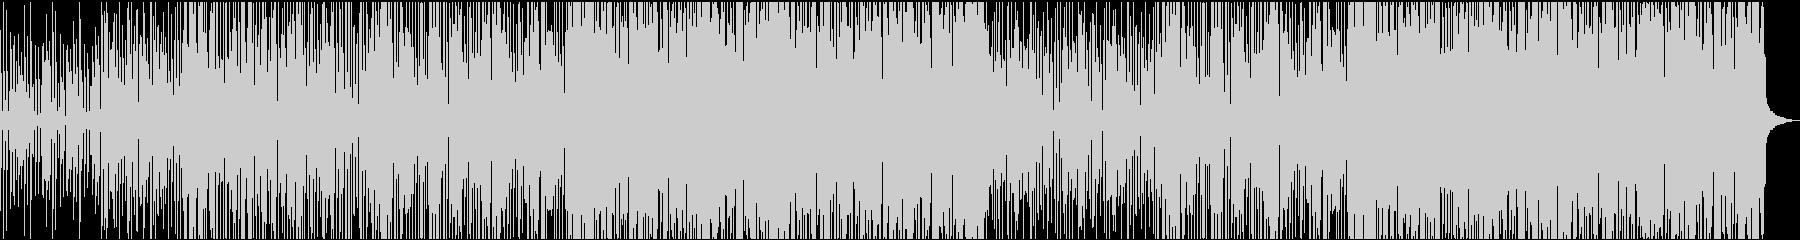 Funky Motionの未再生の波形